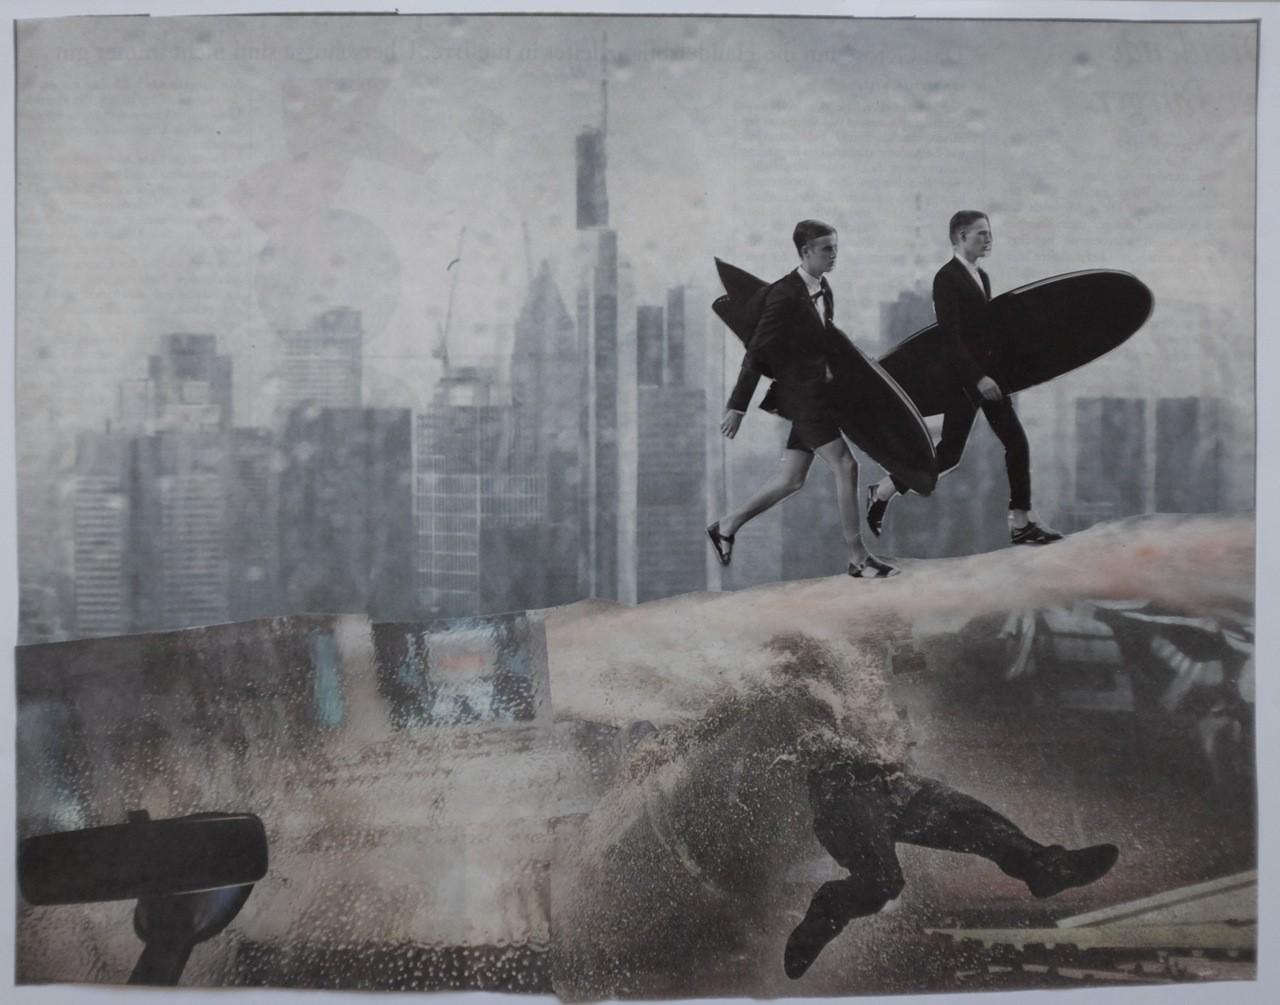 Sweep - von Handcut Paper Collage (Original 31cm x 24cm) © Edel Seebauer